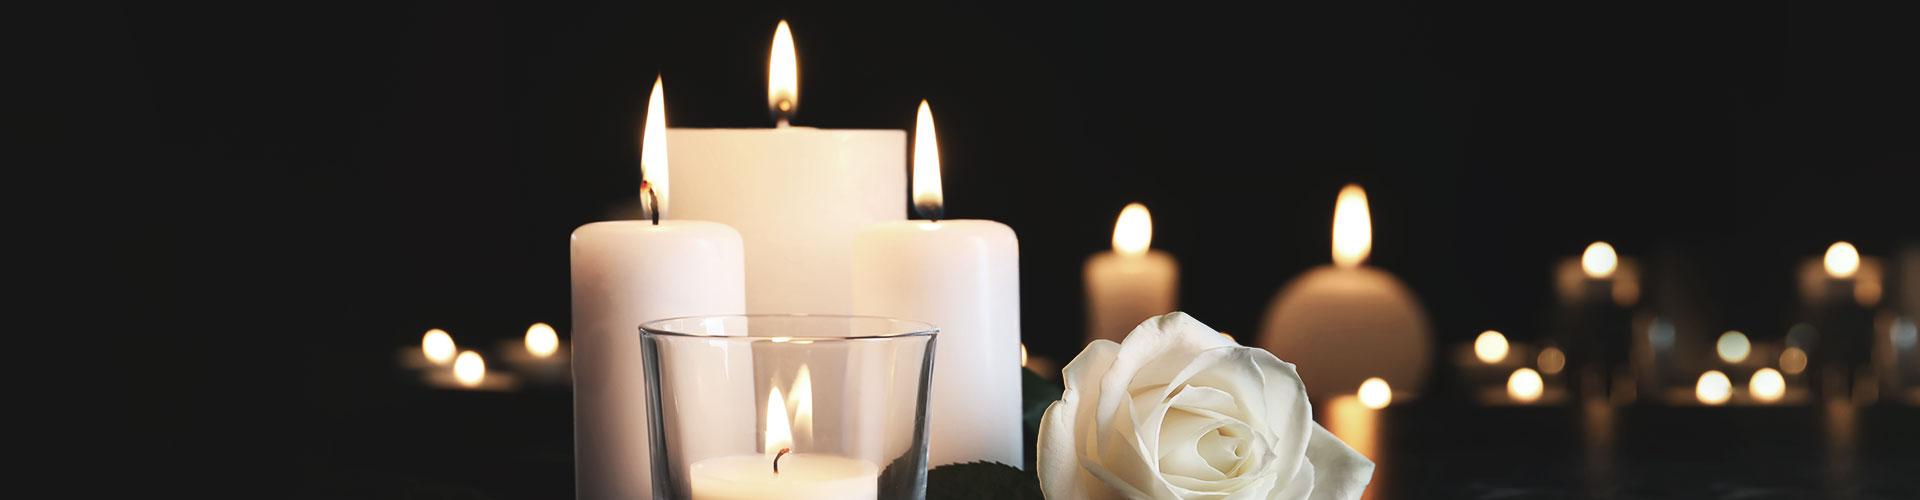 Viele weiße Kerzen vor schwarzem Hintergrund